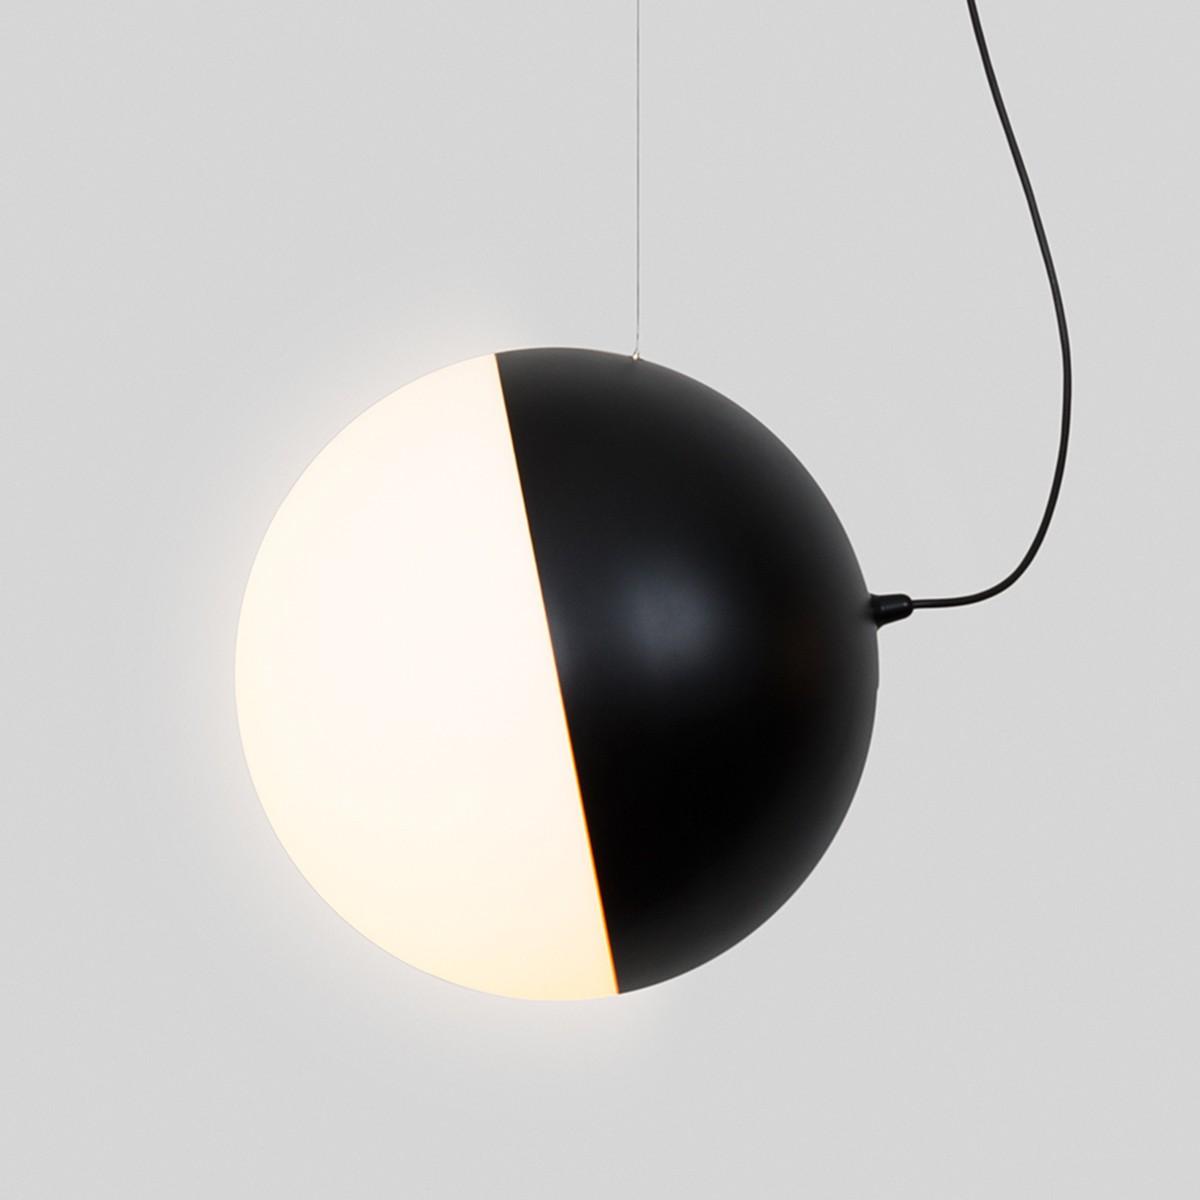 Milan Half Pendelleuchte, Ø 35 cm, 1-flg., schwarz